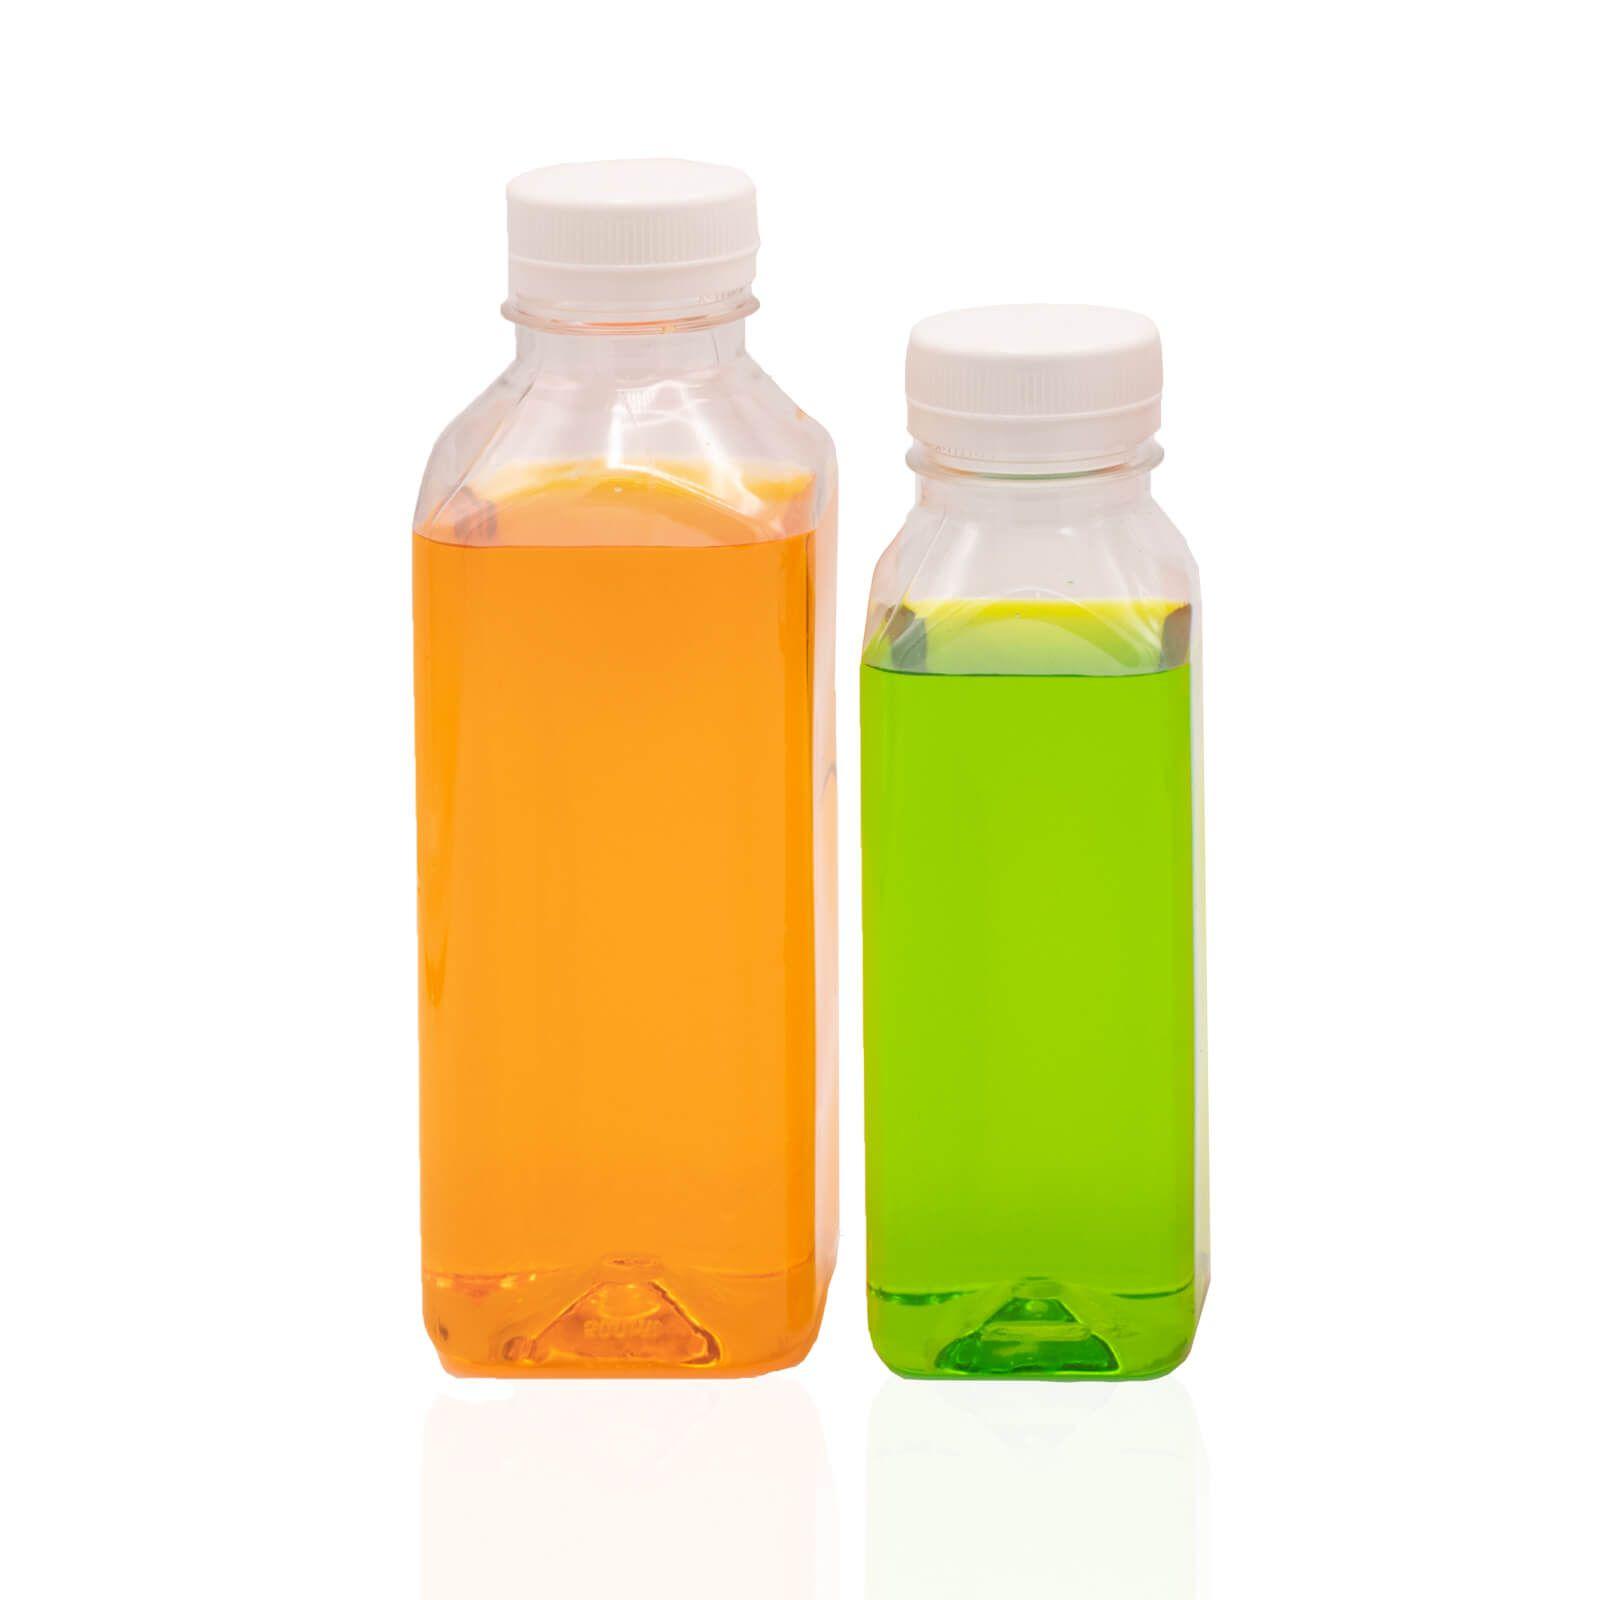 Garrafa  crista para Suco Detox 100un. 300mL, 500mL e 1L